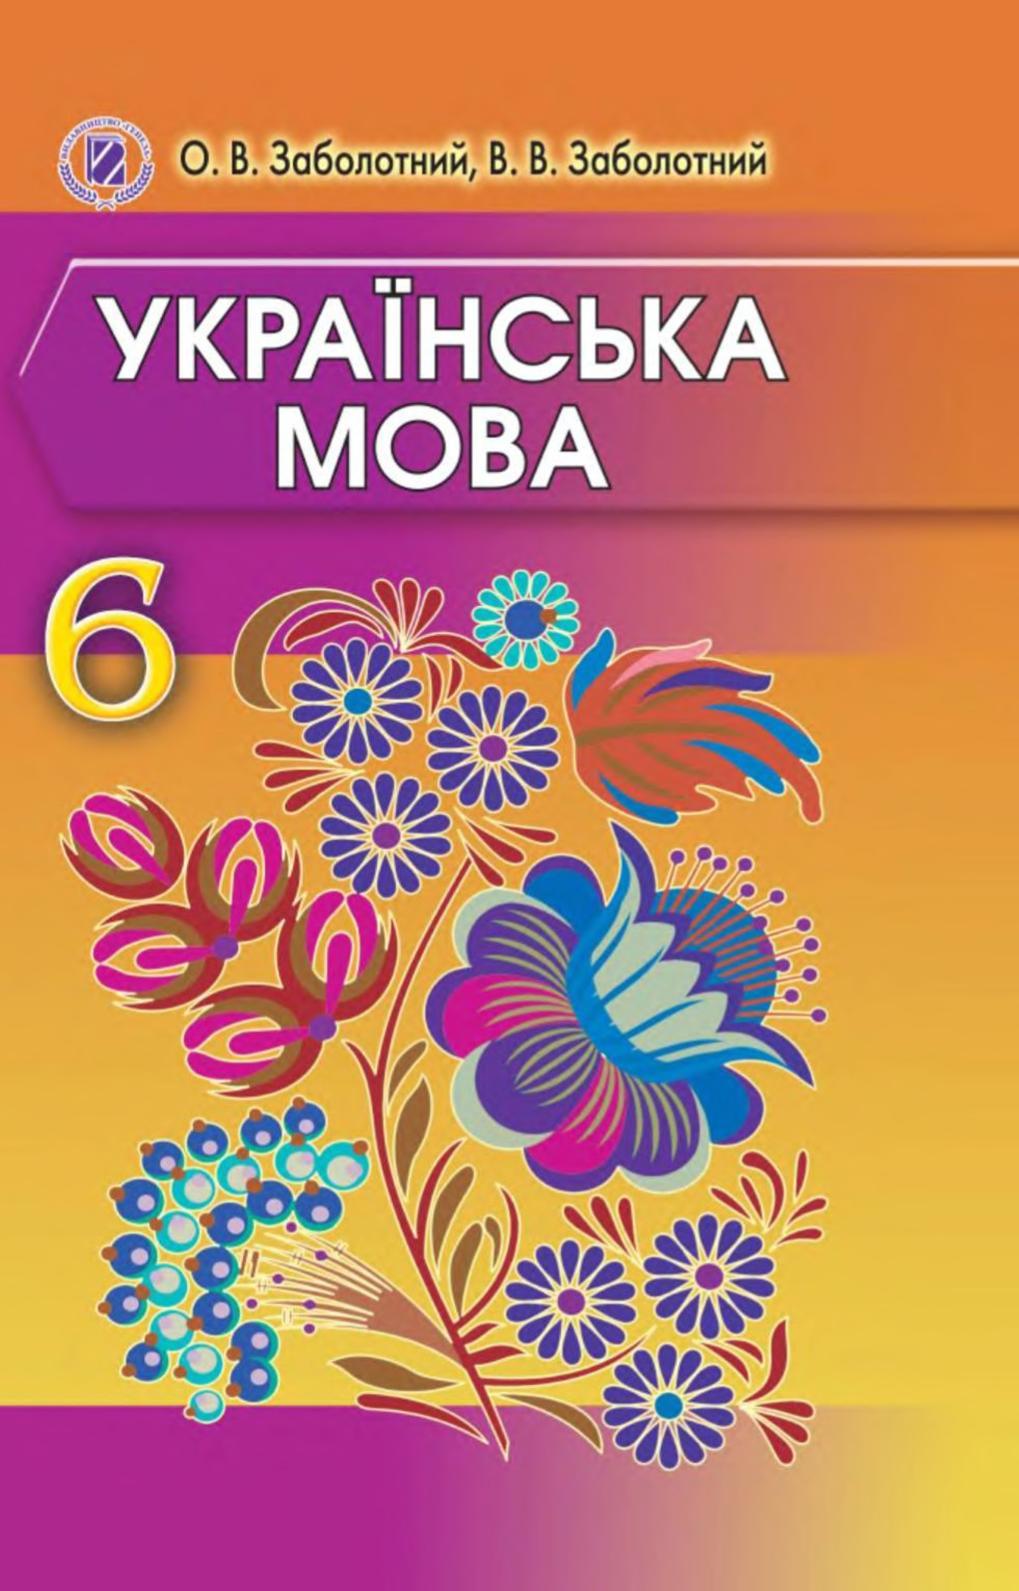 Calaméo - Українська мова 6 клас 49a81938e55a0